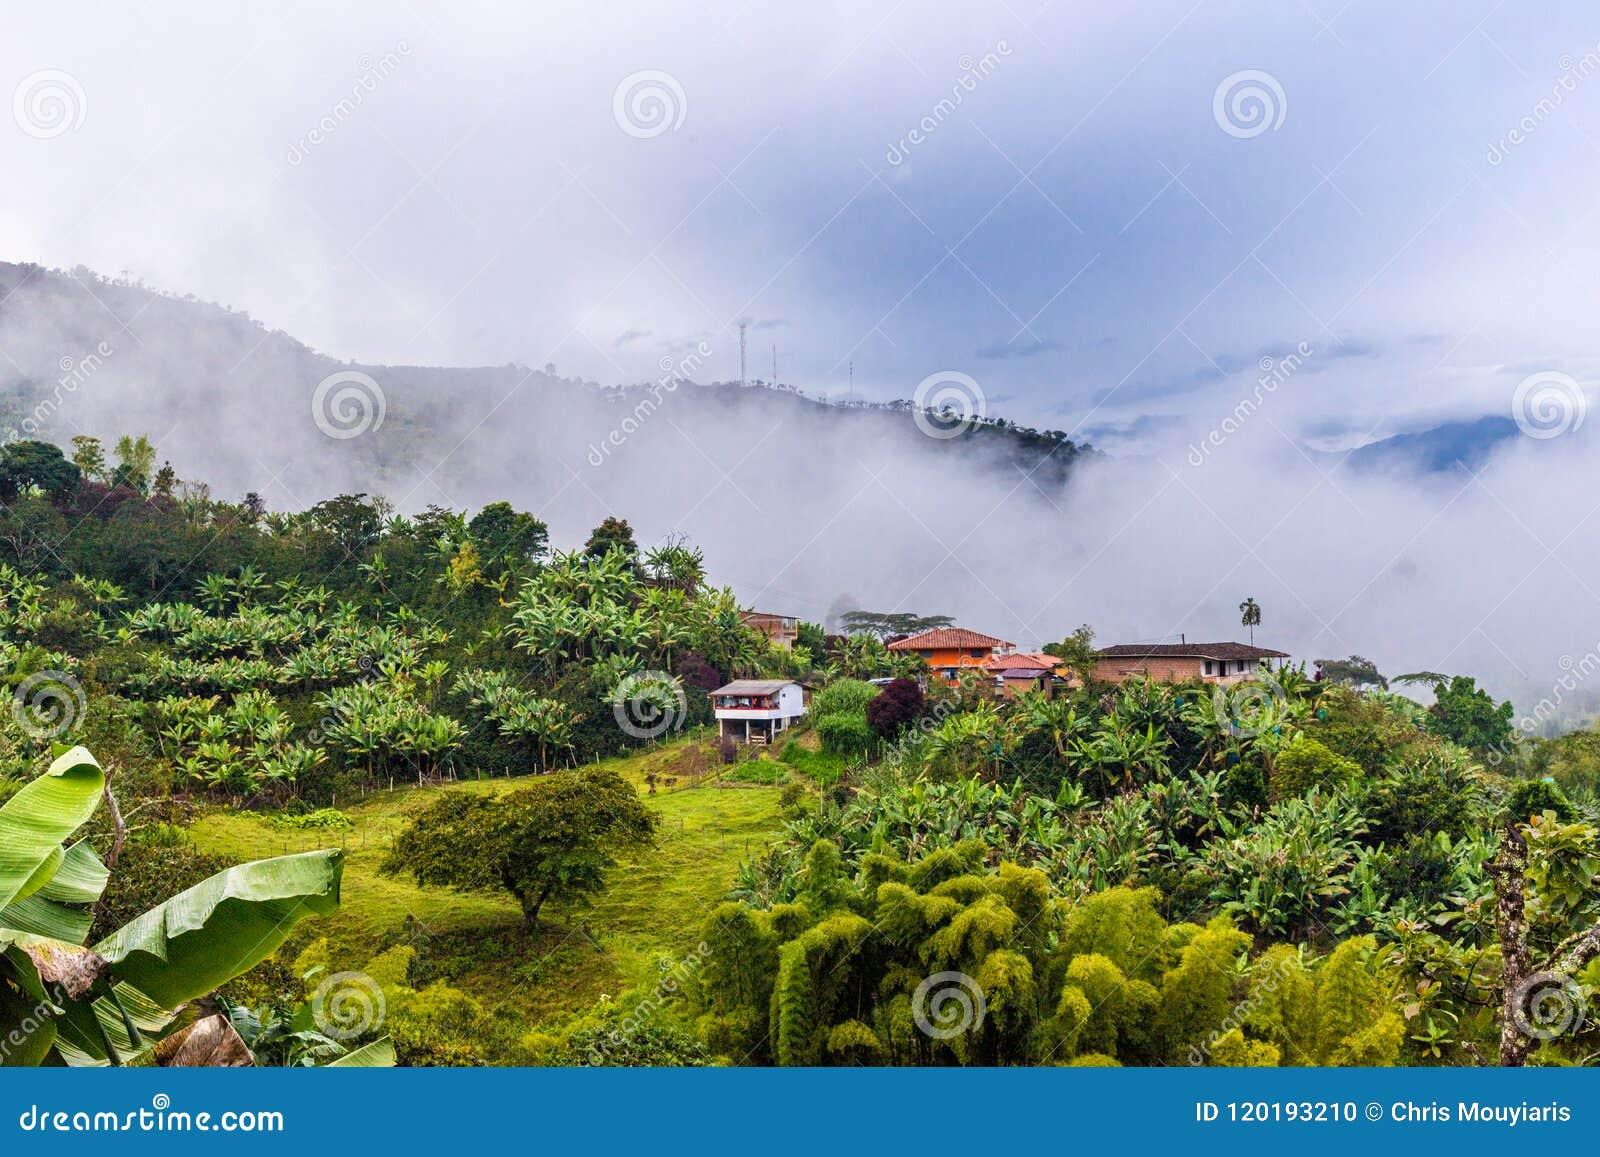 La Ville Pittoresque Coloree De Jardin En Colombie Photo Stock